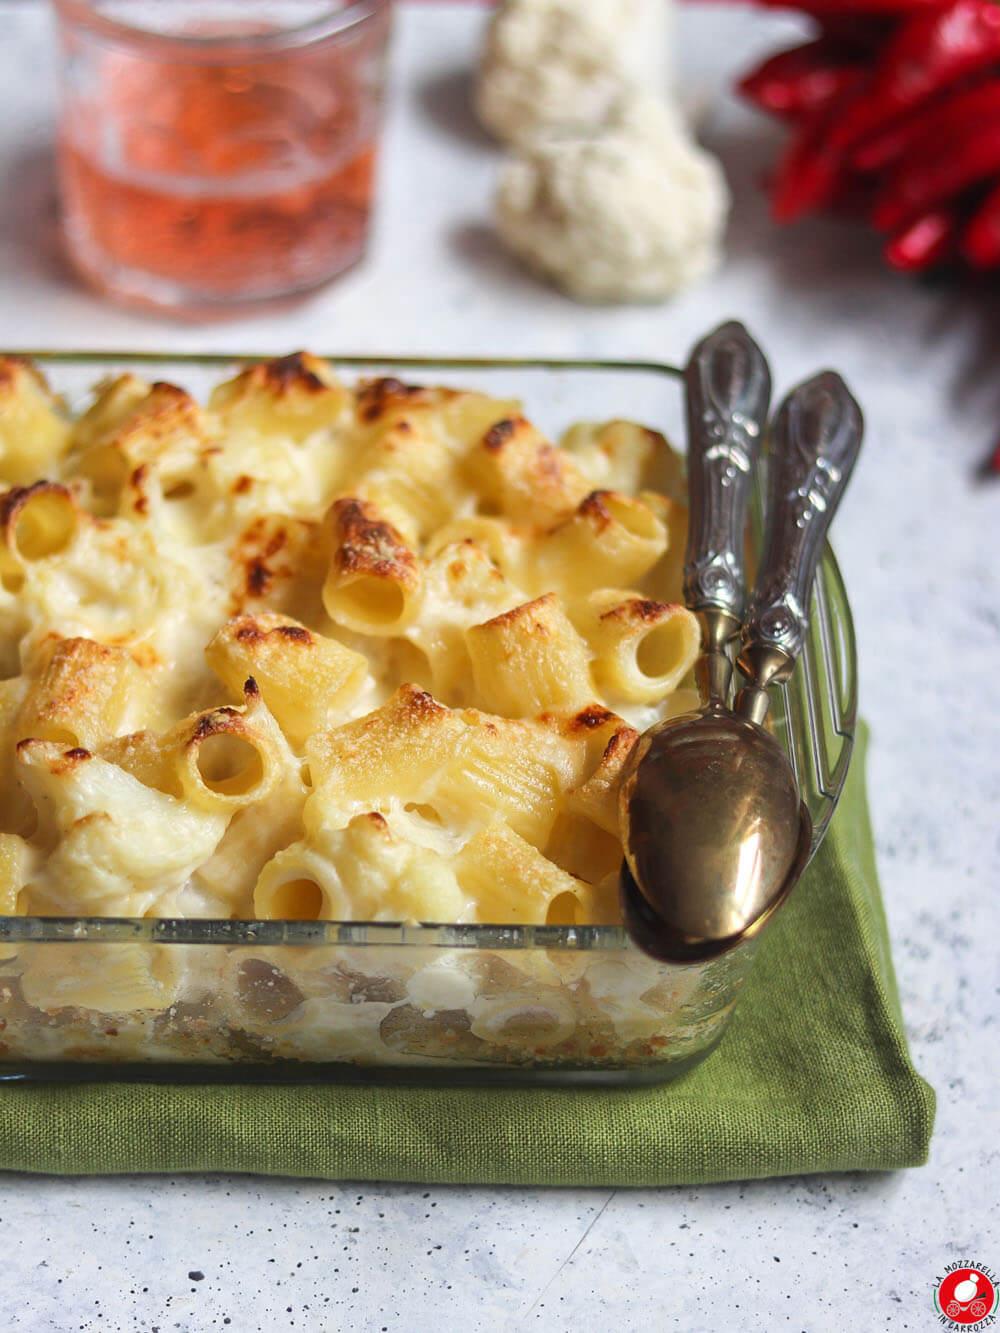 La Mozzarella In Carrozza - Pasta e cavolfiore gratinata